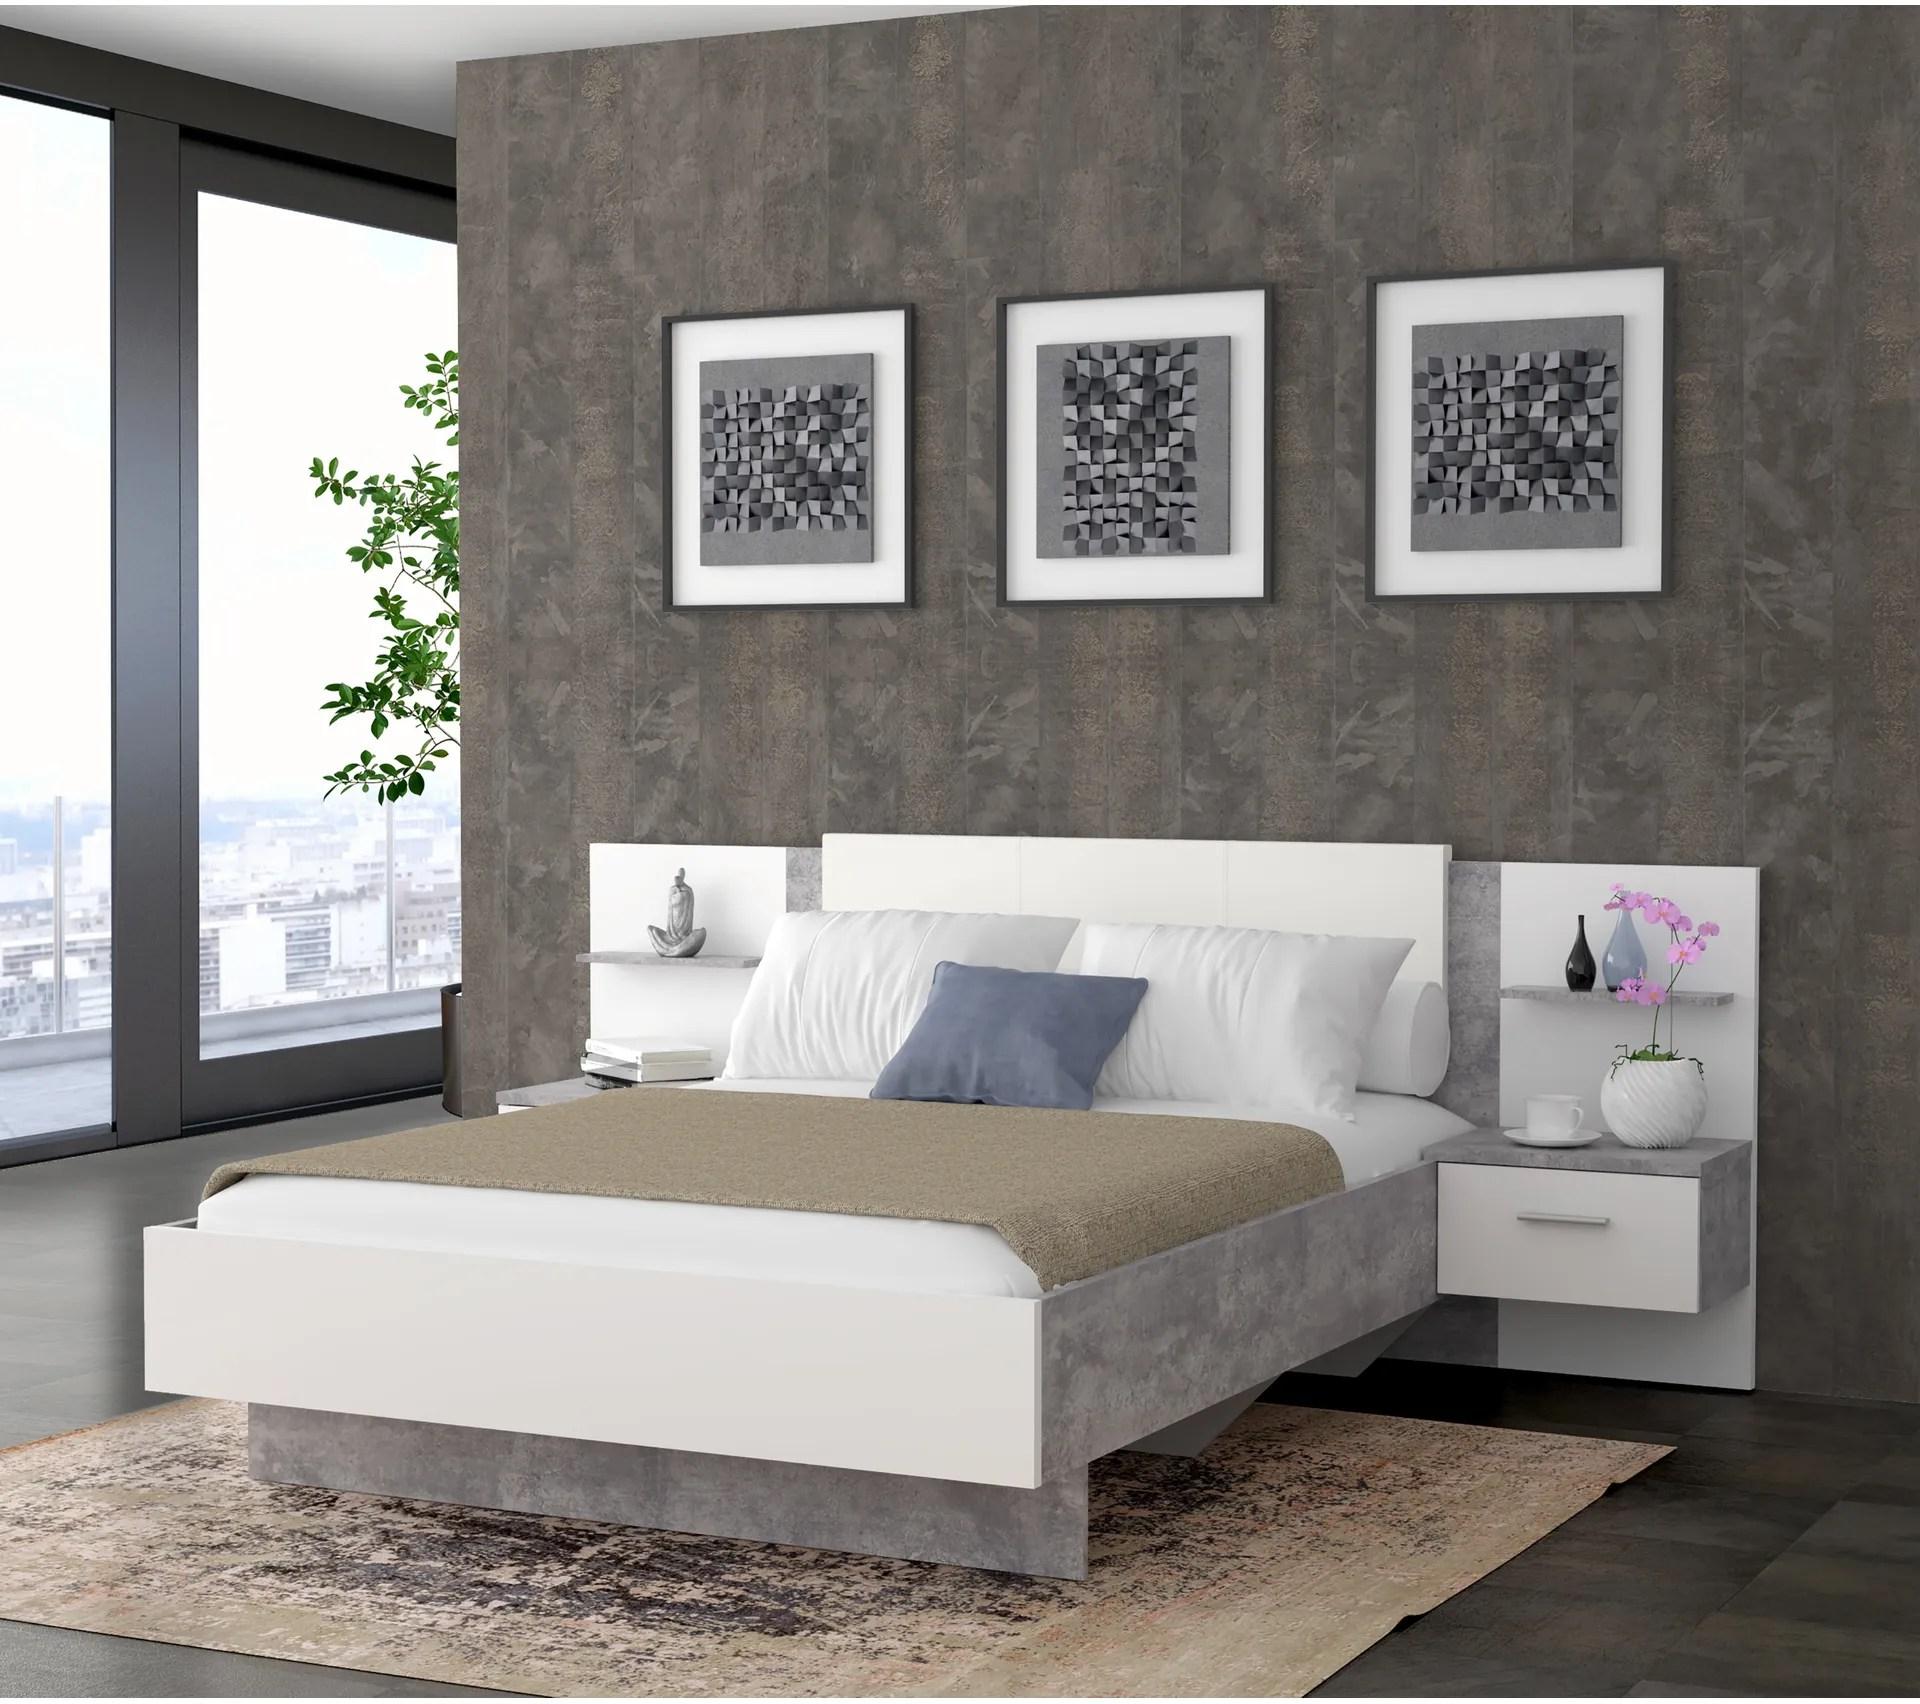 lit 140x190 cm 2 chevets suspendus ginger beton gris clair et blanc mat